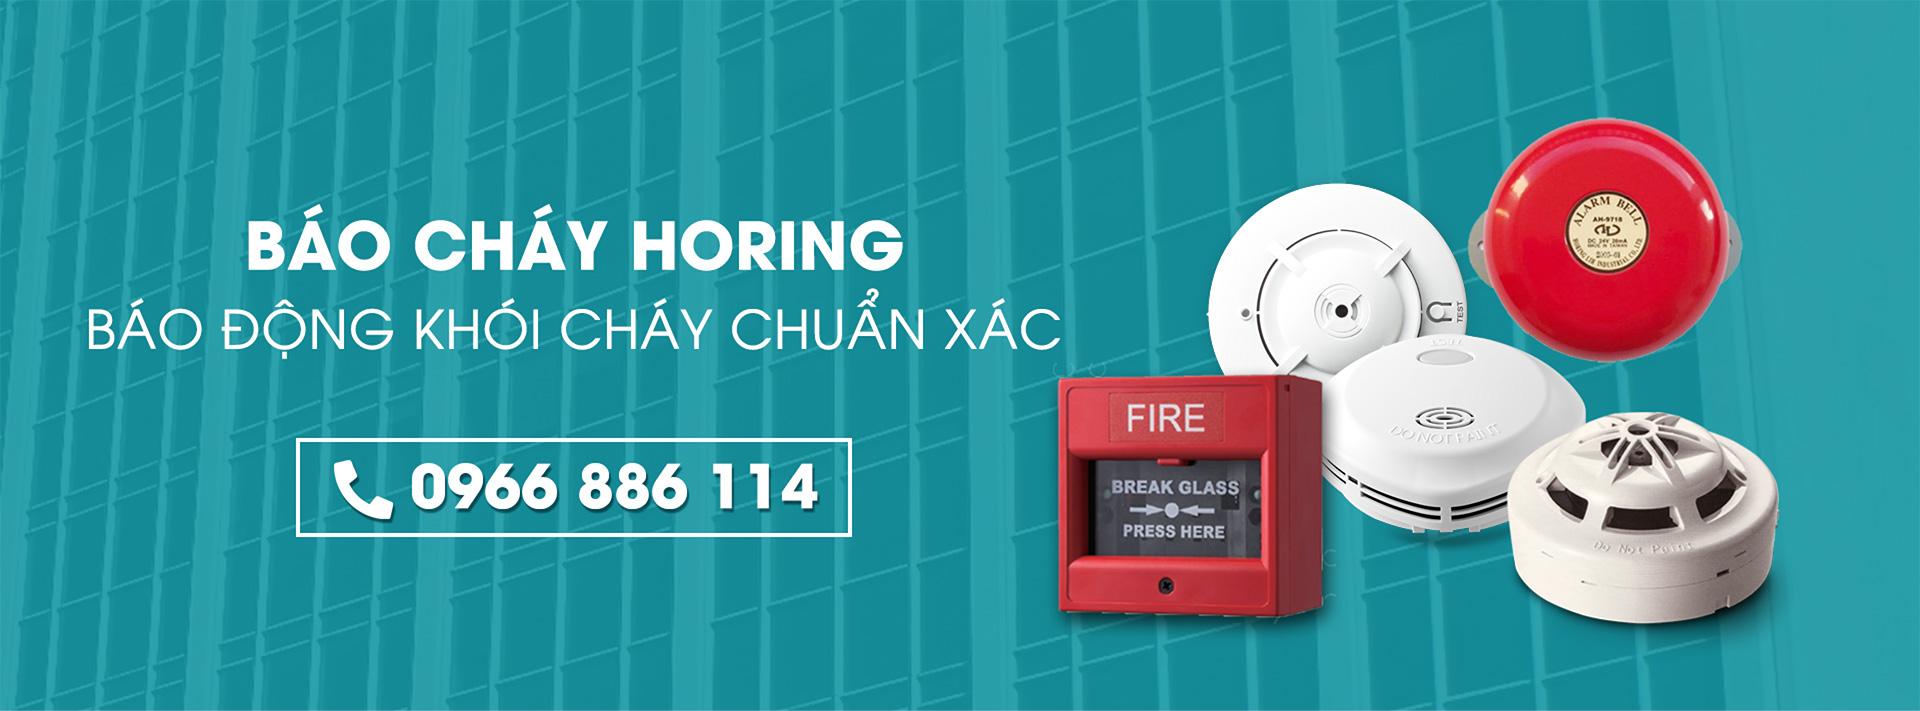 thiết bị báo cháy horing banner